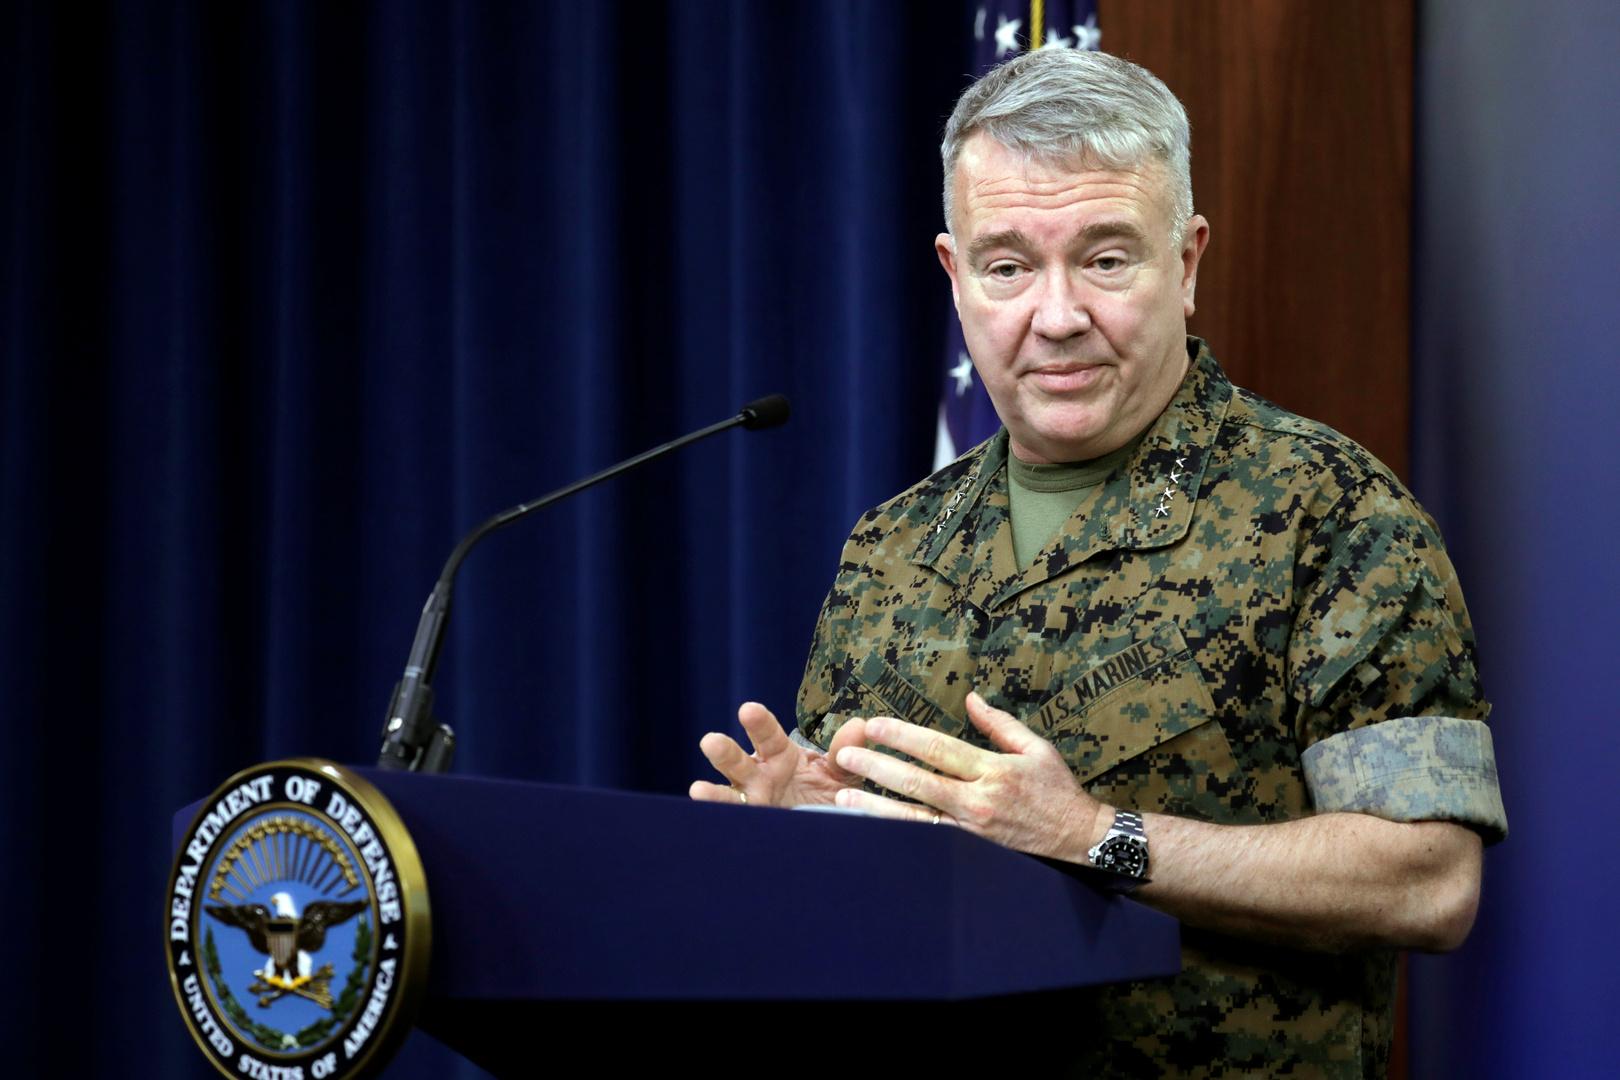 الجيش الأمريكي: لا نريد الحرب مع إيران رغم استعدادنا لأي احتمال